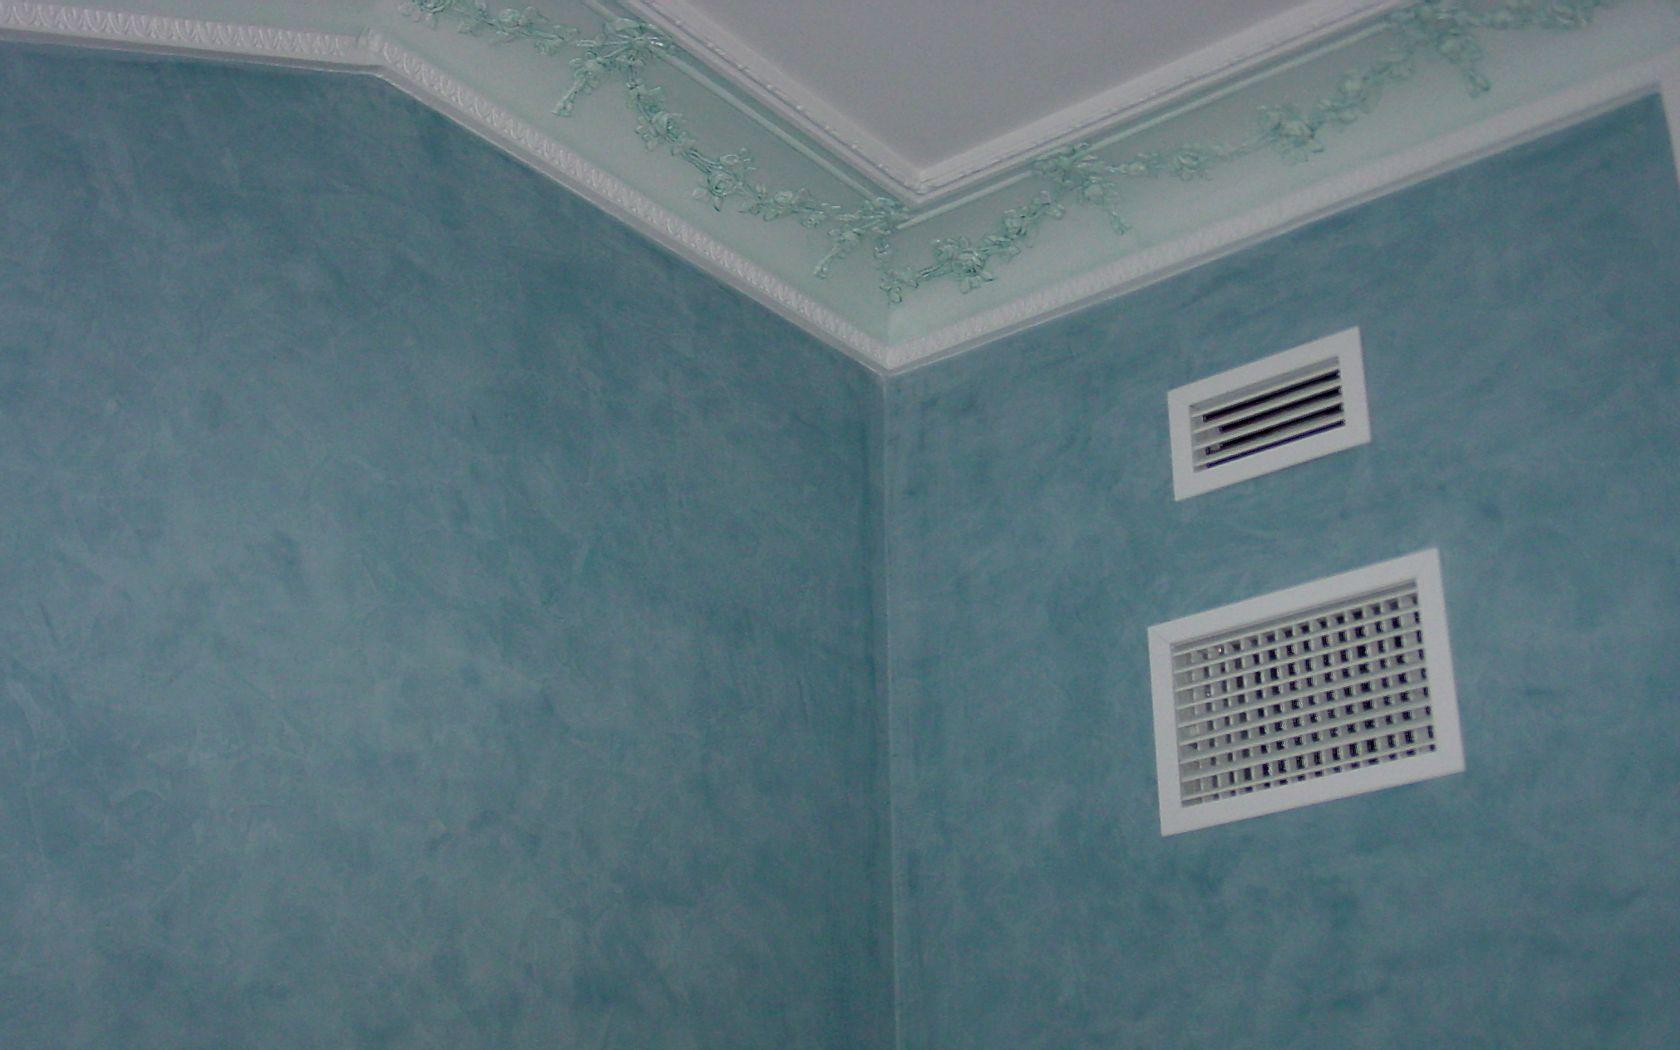 Pintura estuco azul 01 pictor decoris for Pintura color marmol